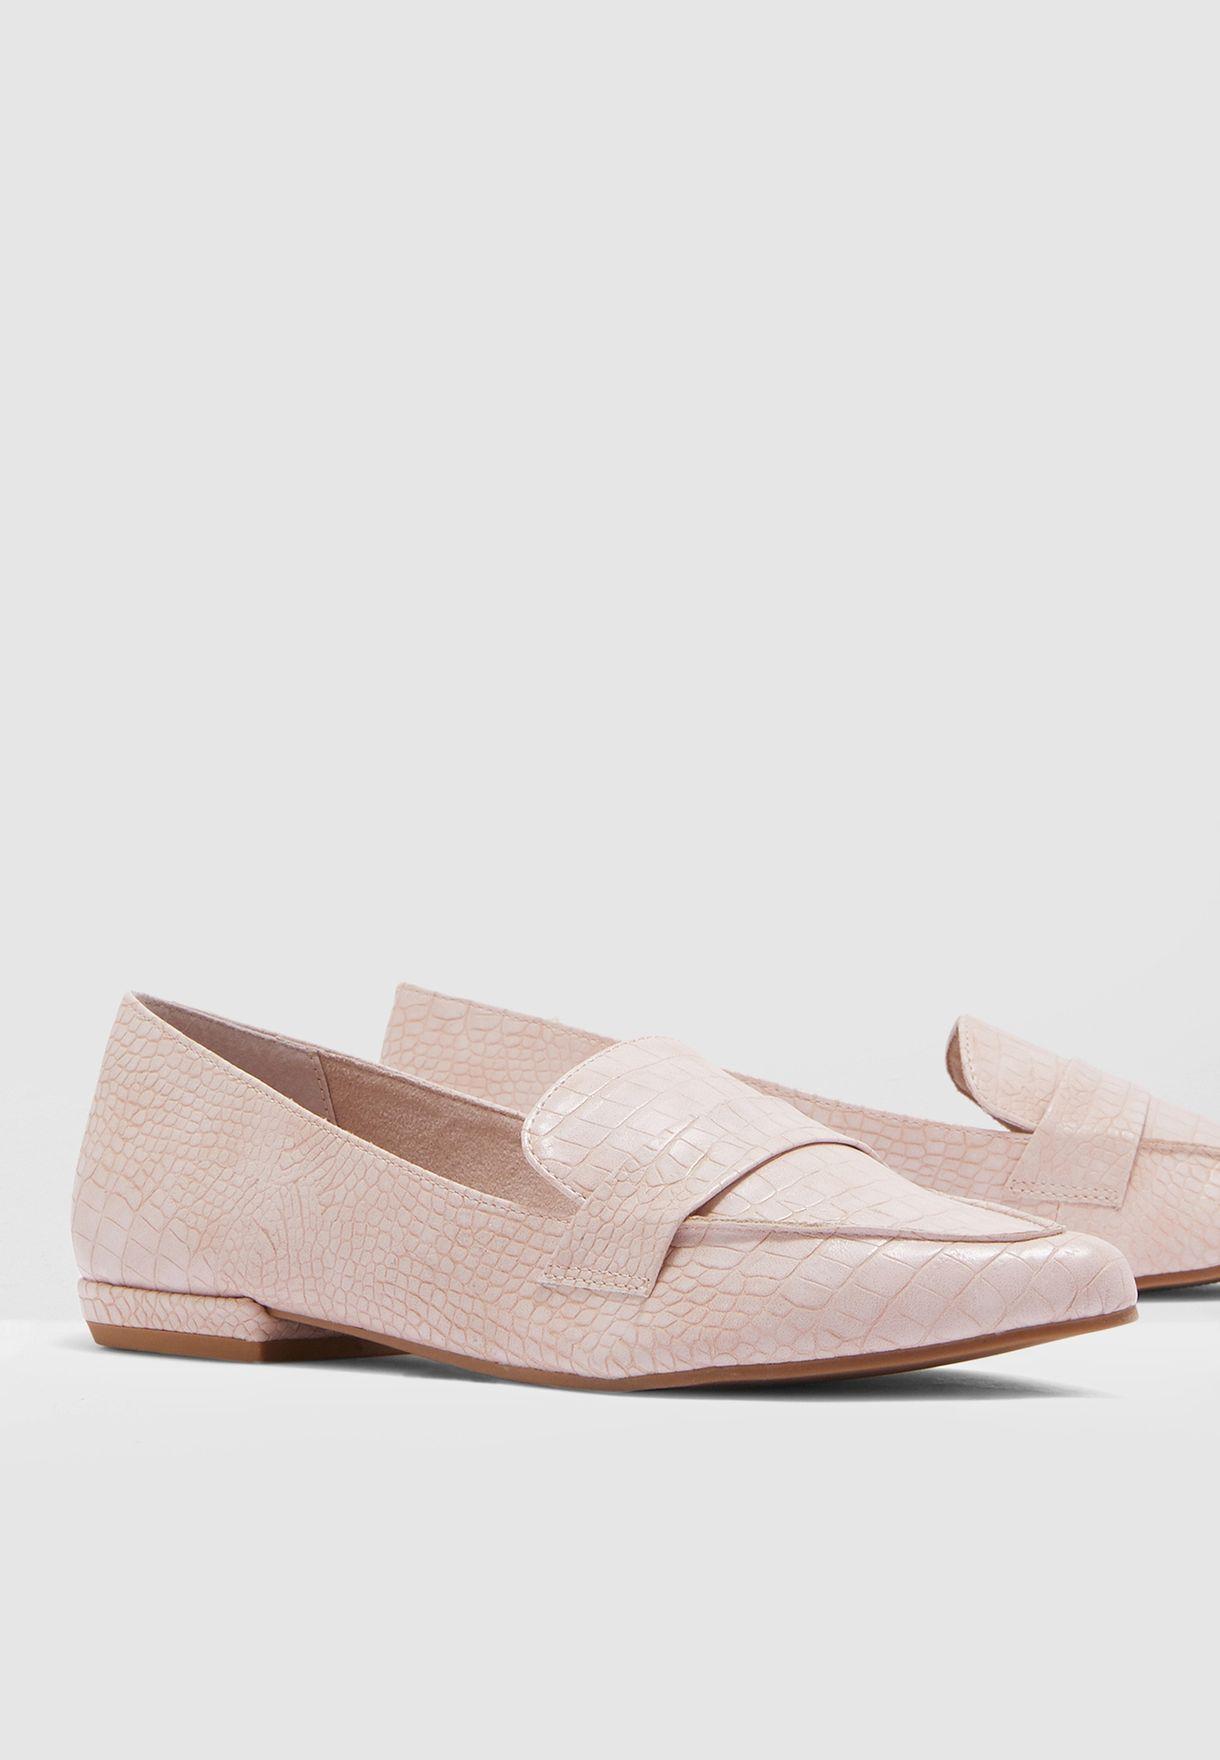 Carver Moccasin - Pink